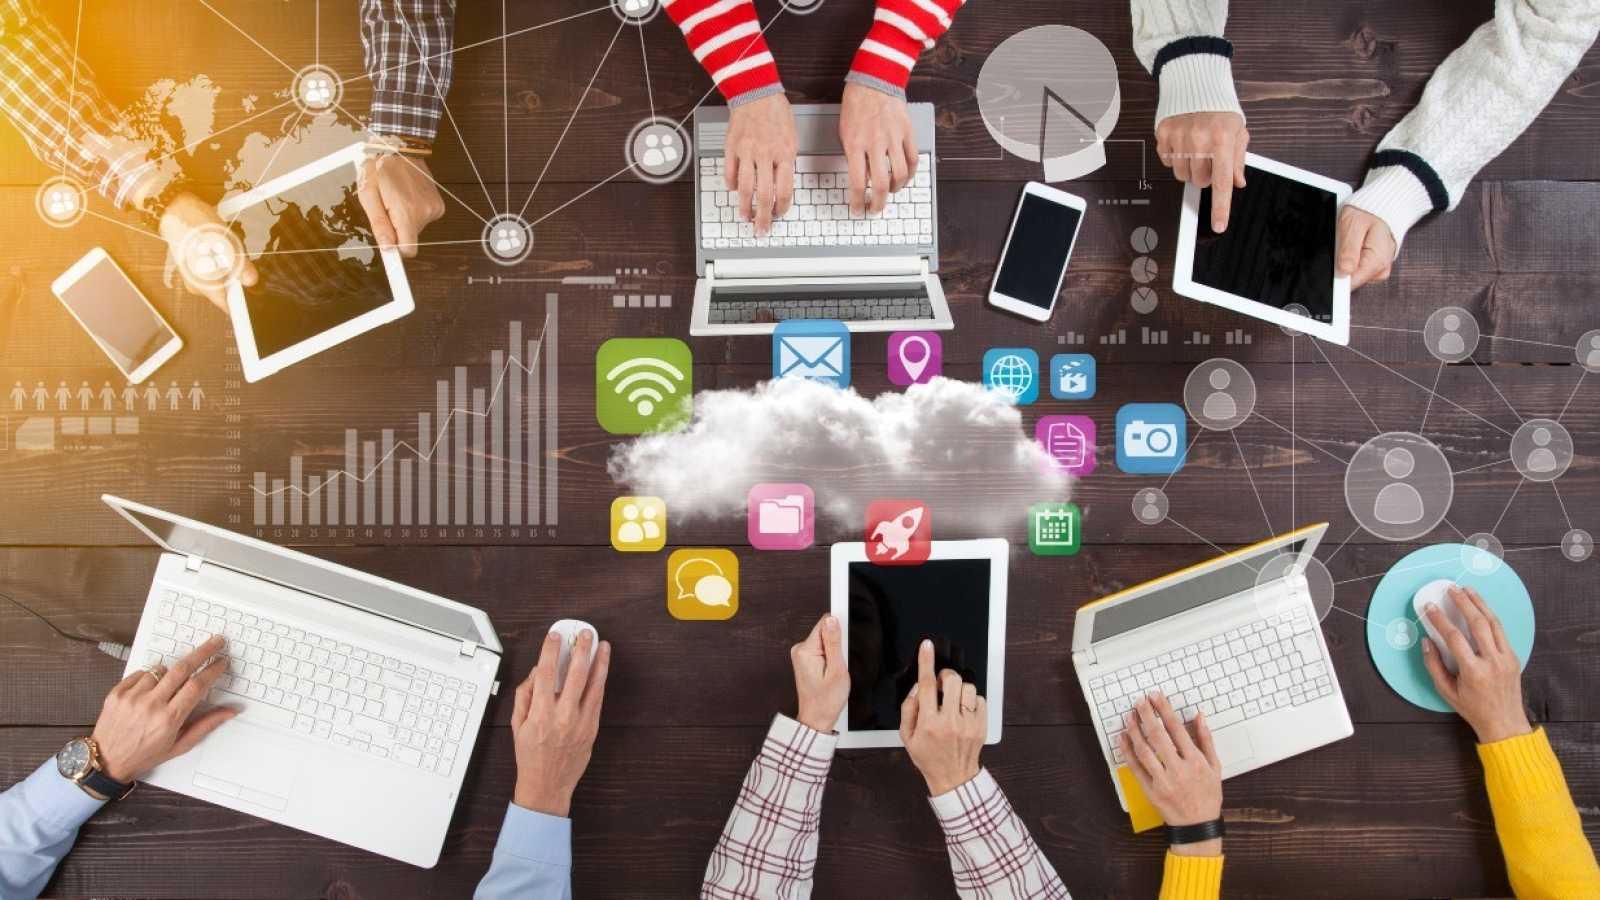 Distintos dispositivos para el uso de programas y aplicaciones digitales propiedad de las grandes multinacionales.